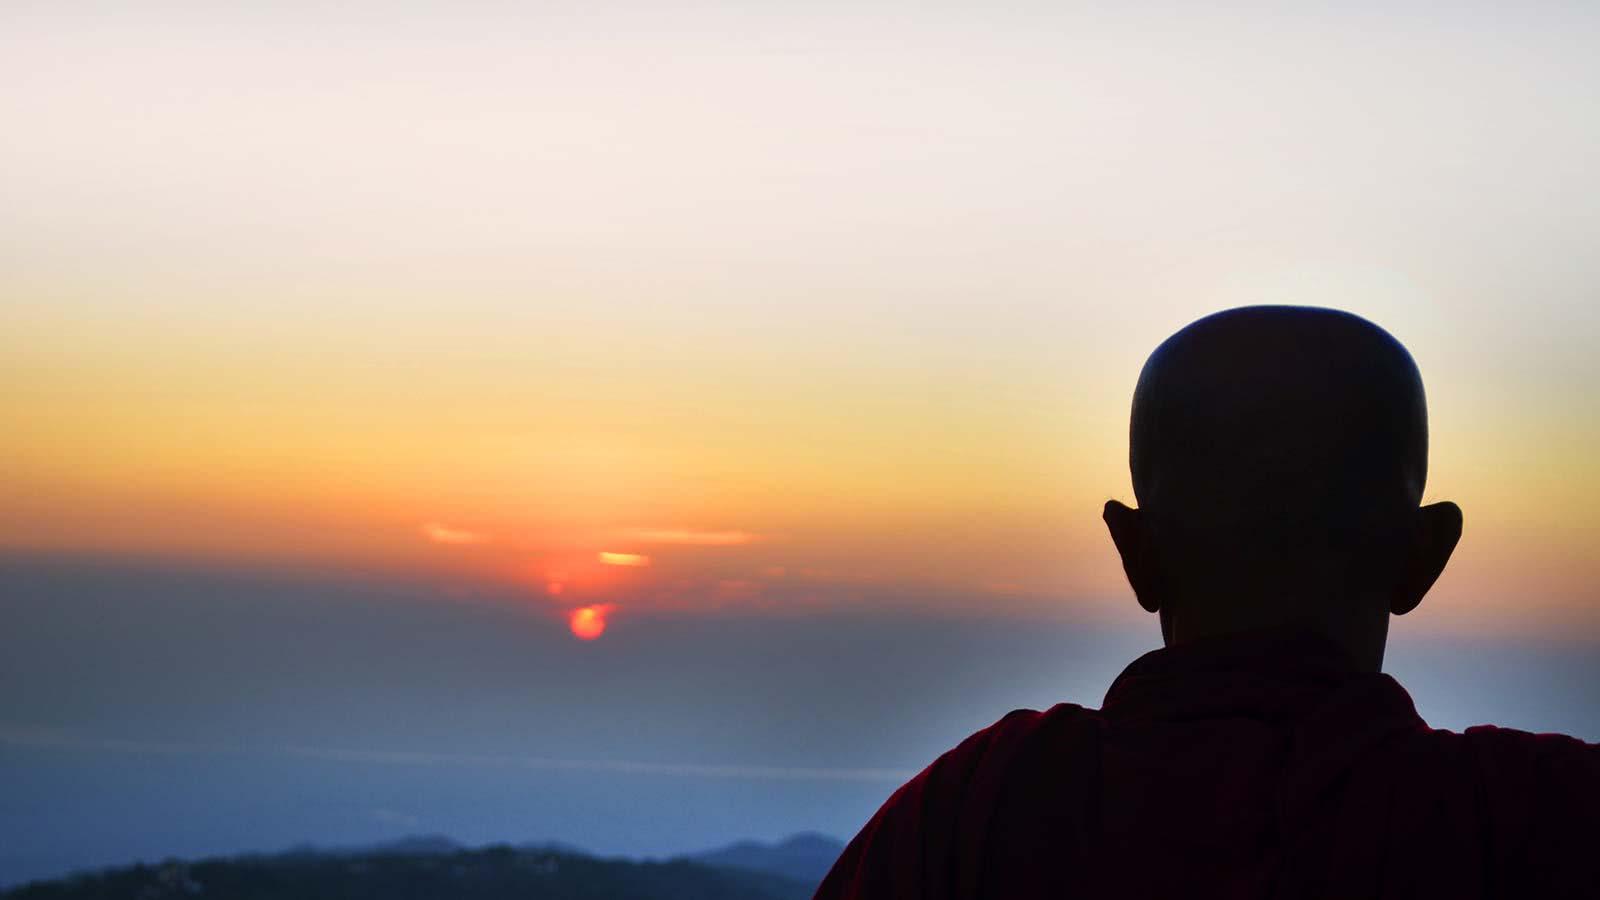 善待因缘 我们能为离世的至亲做些什么?